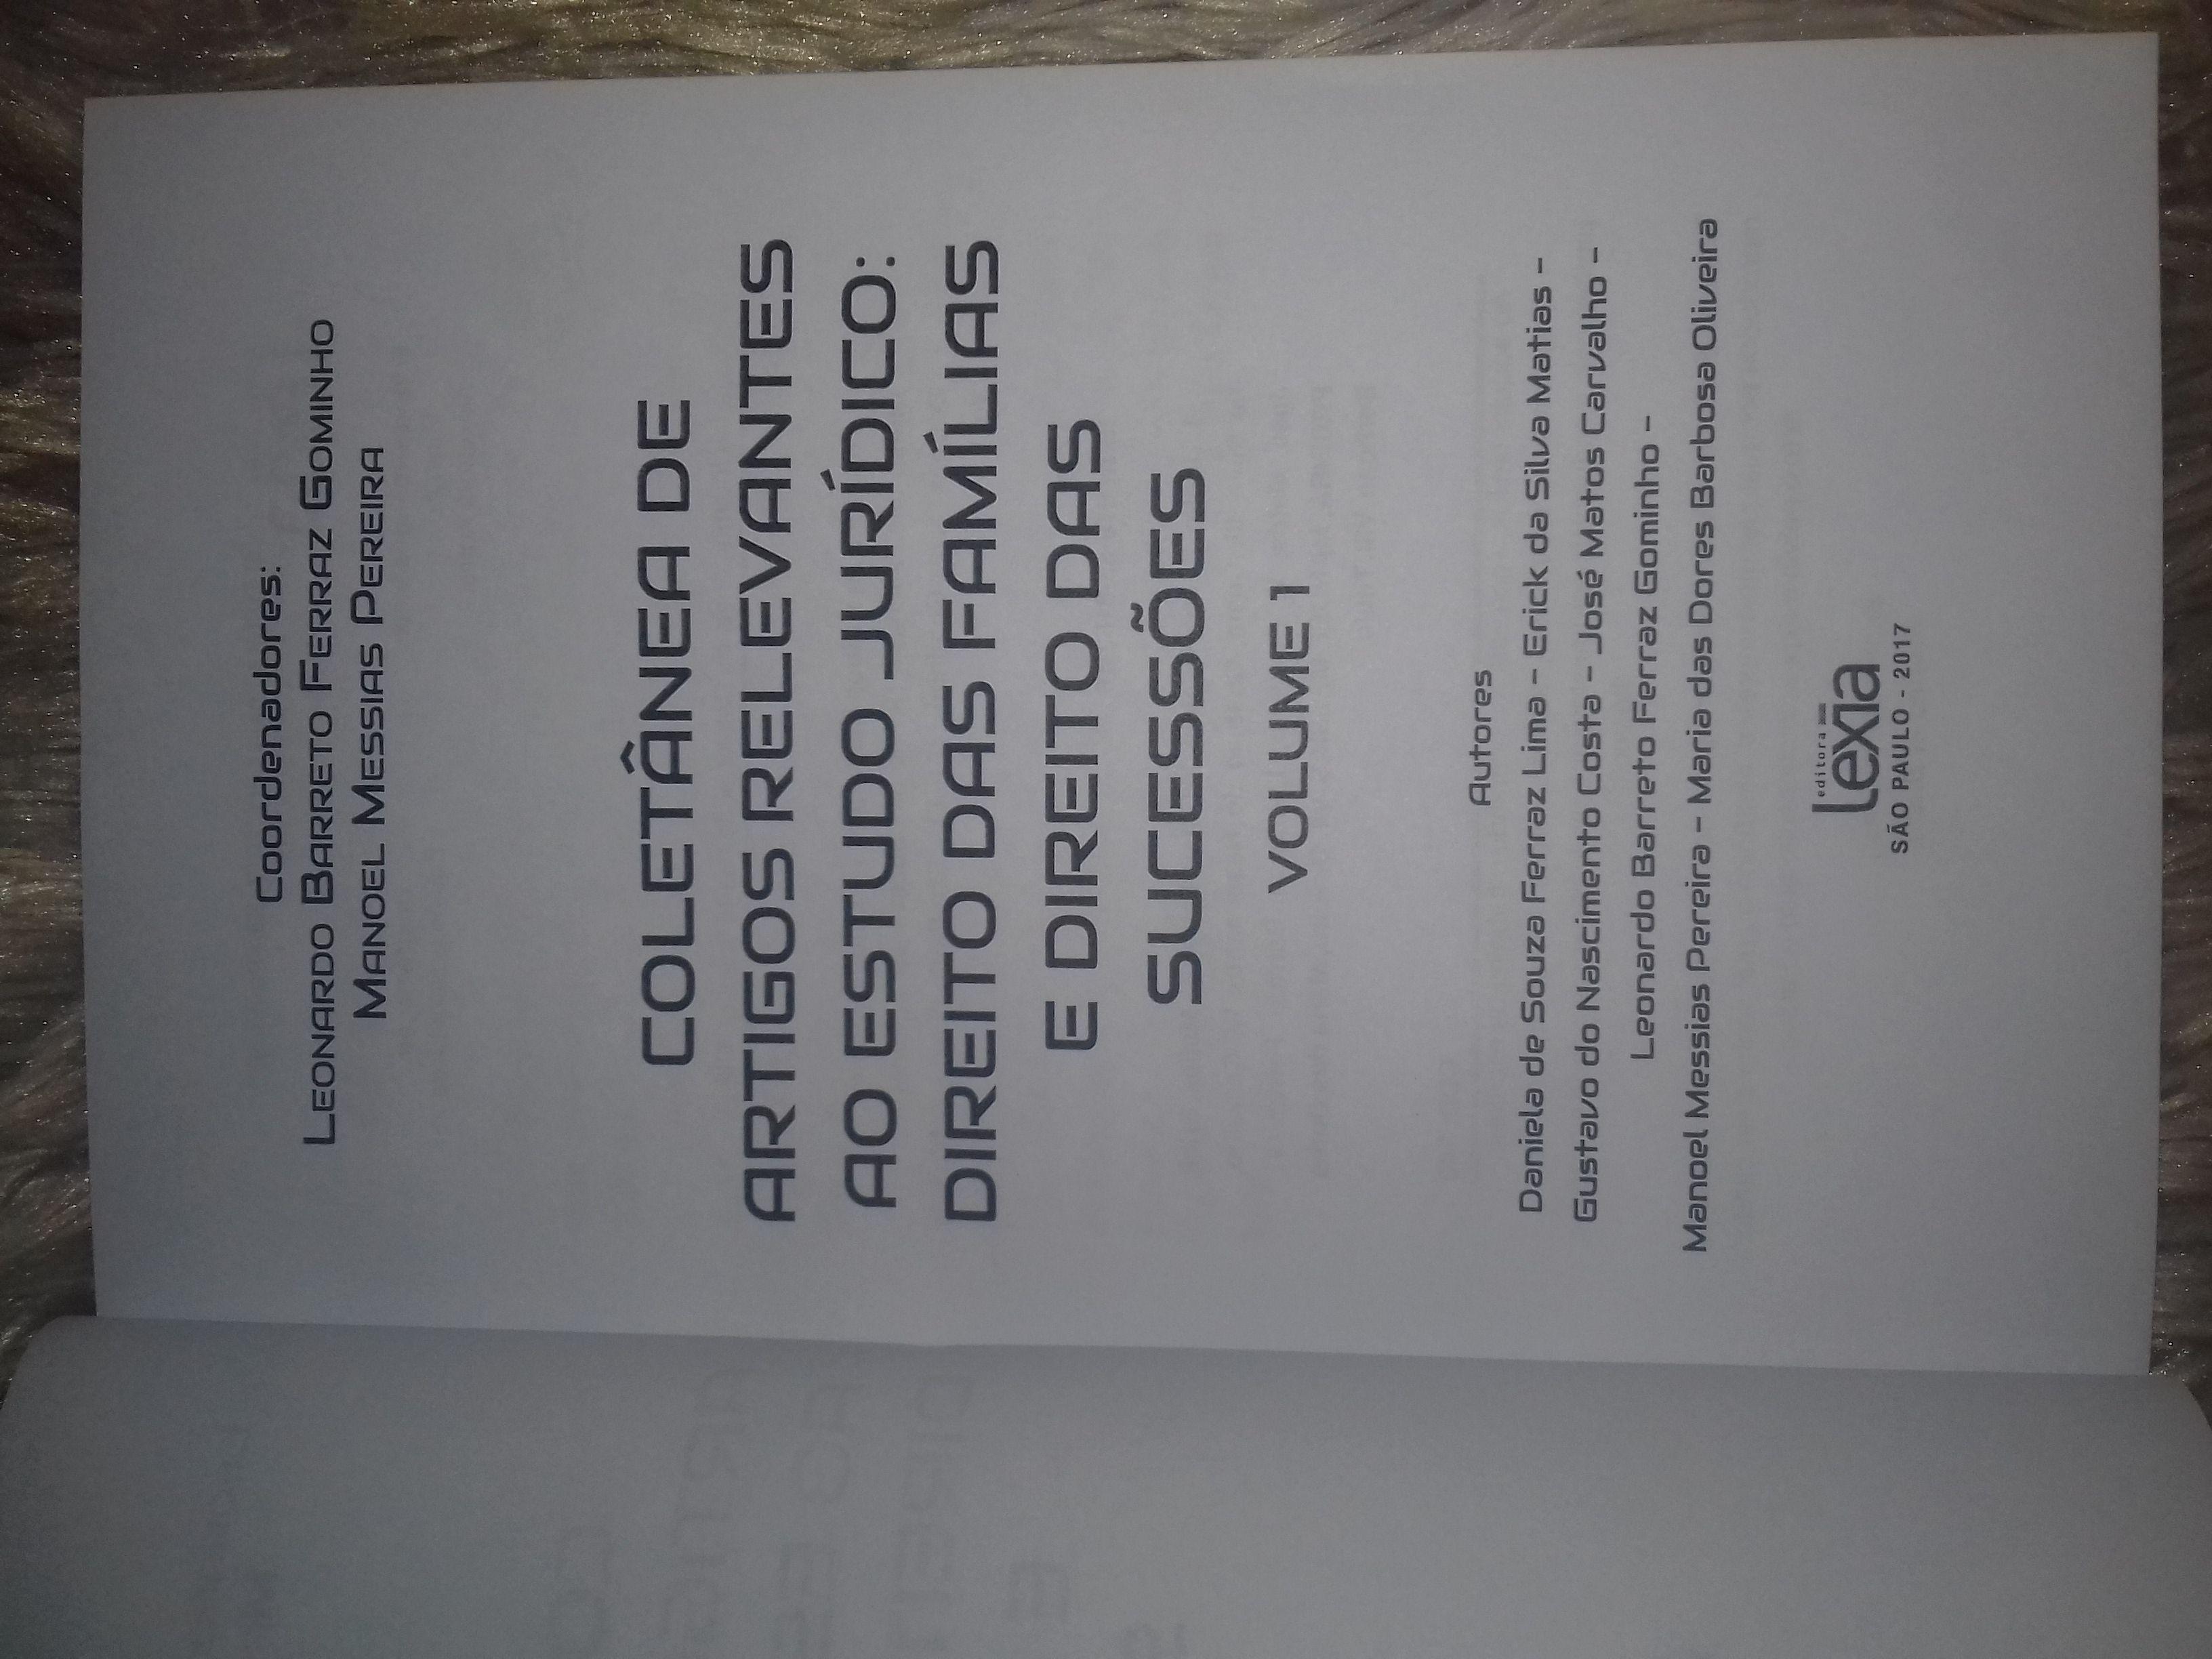 Coletânea de artigos relevantes ao estudo jurídico: Direito das Famílias e Direito das sucessões VOL 01